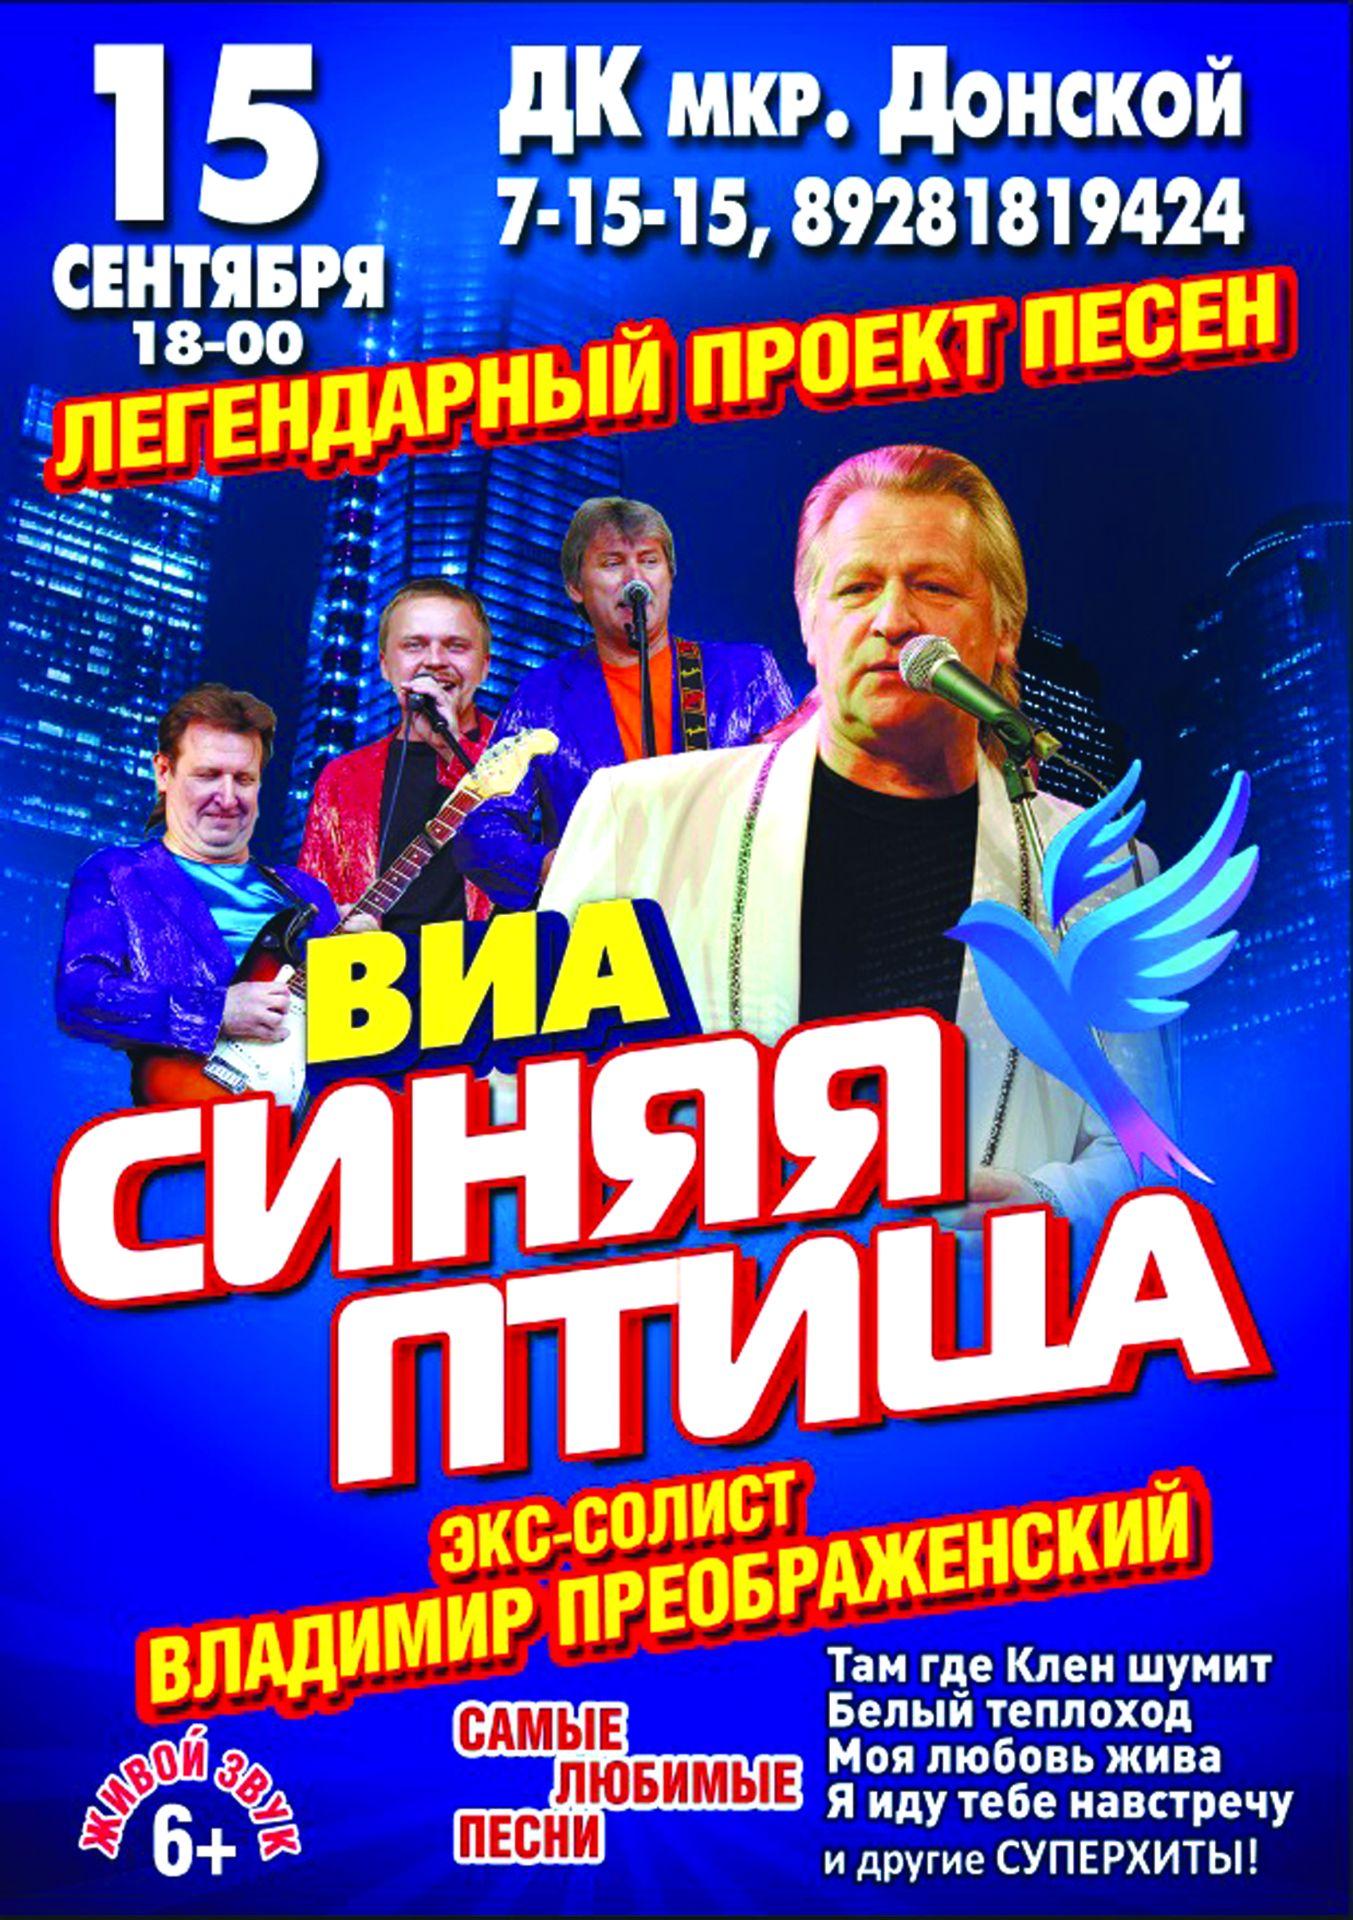 15 сентября ДК мкр.Донской